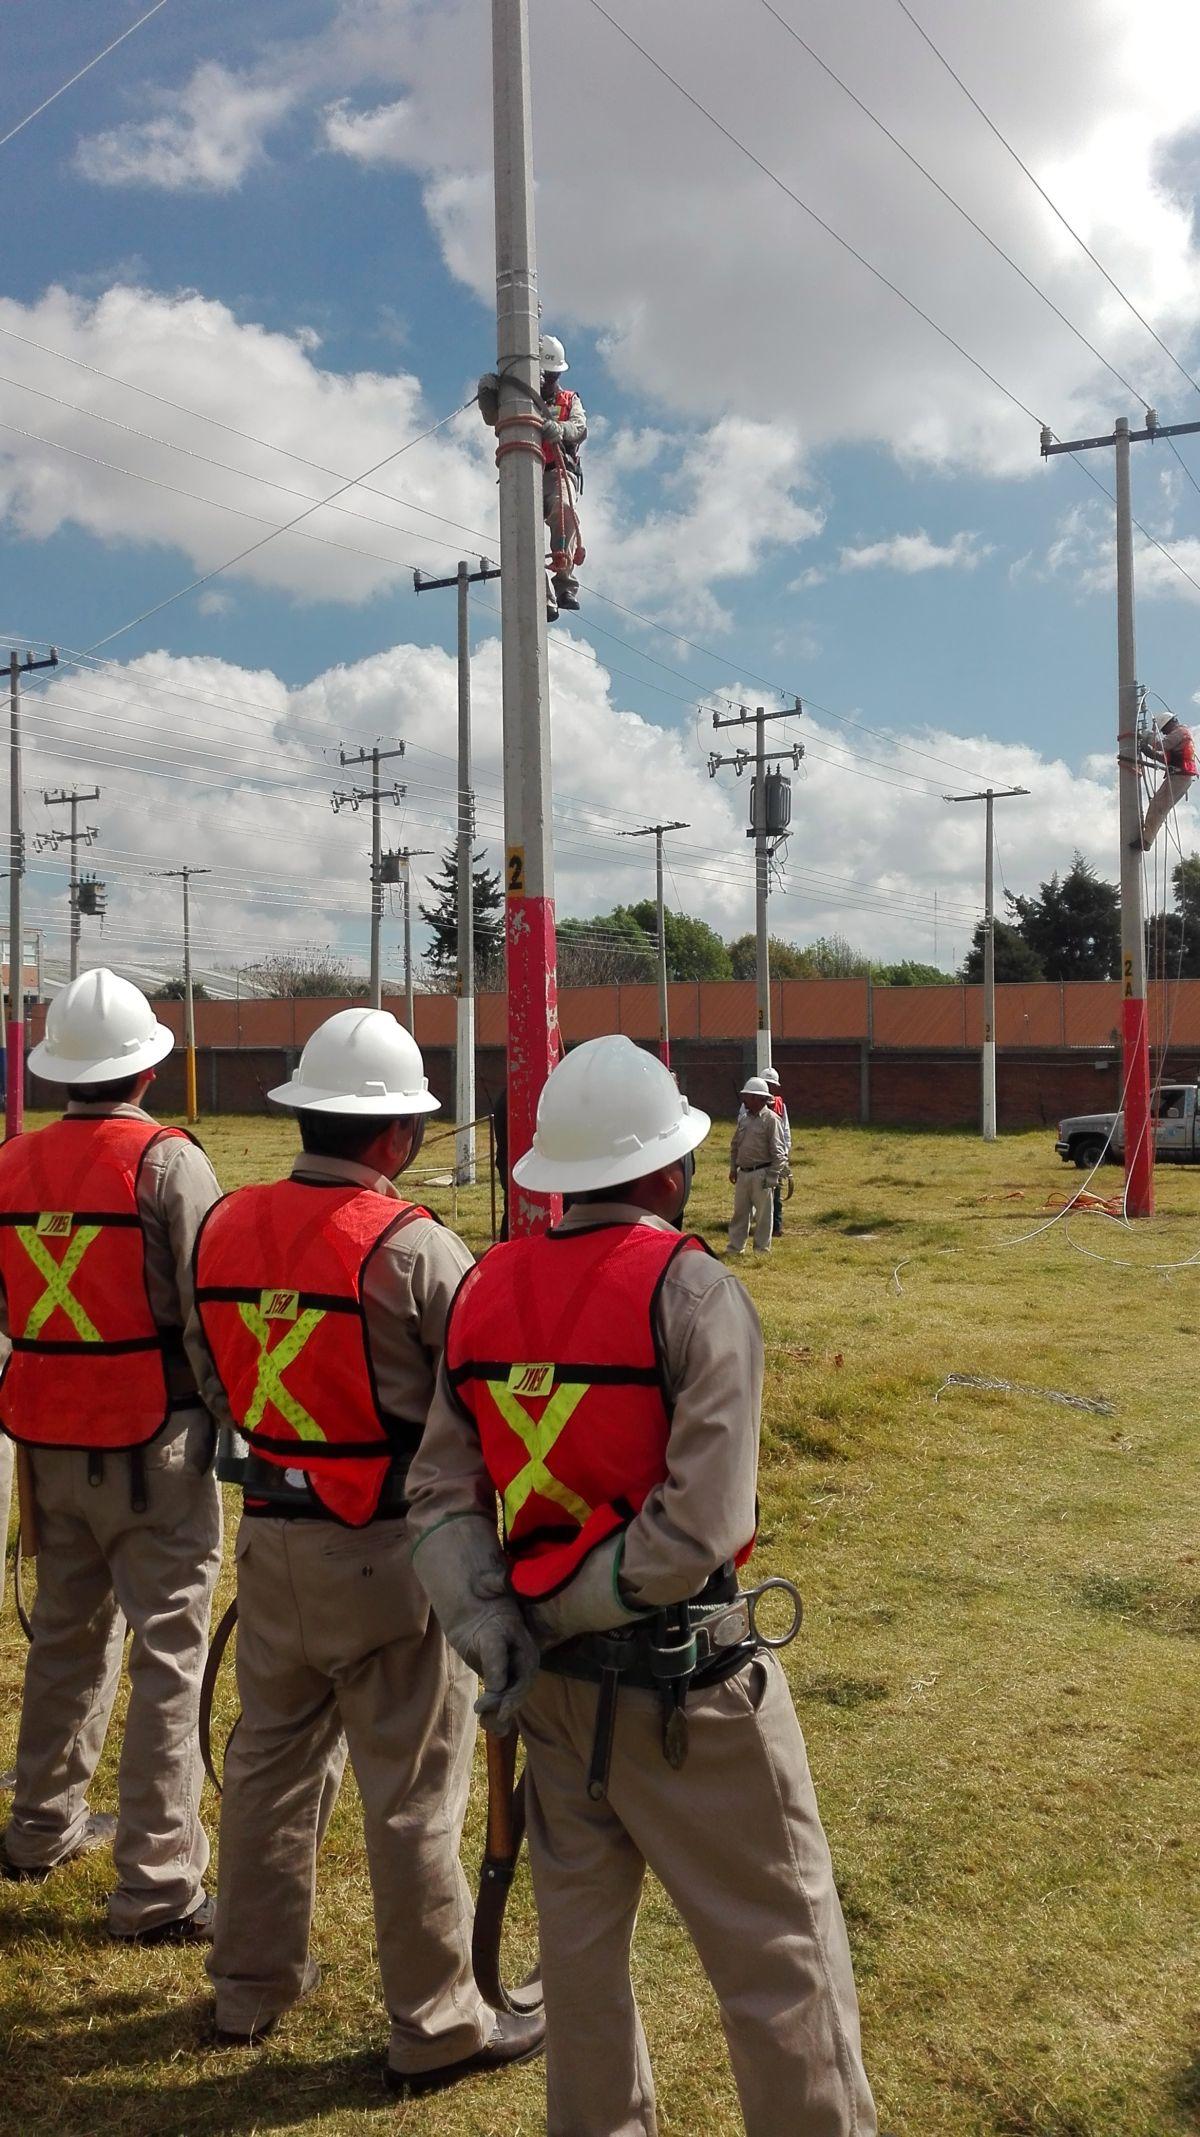 70 trabajadores de la CFE colaboran para restablecer energía eléctrica en Oaxaca